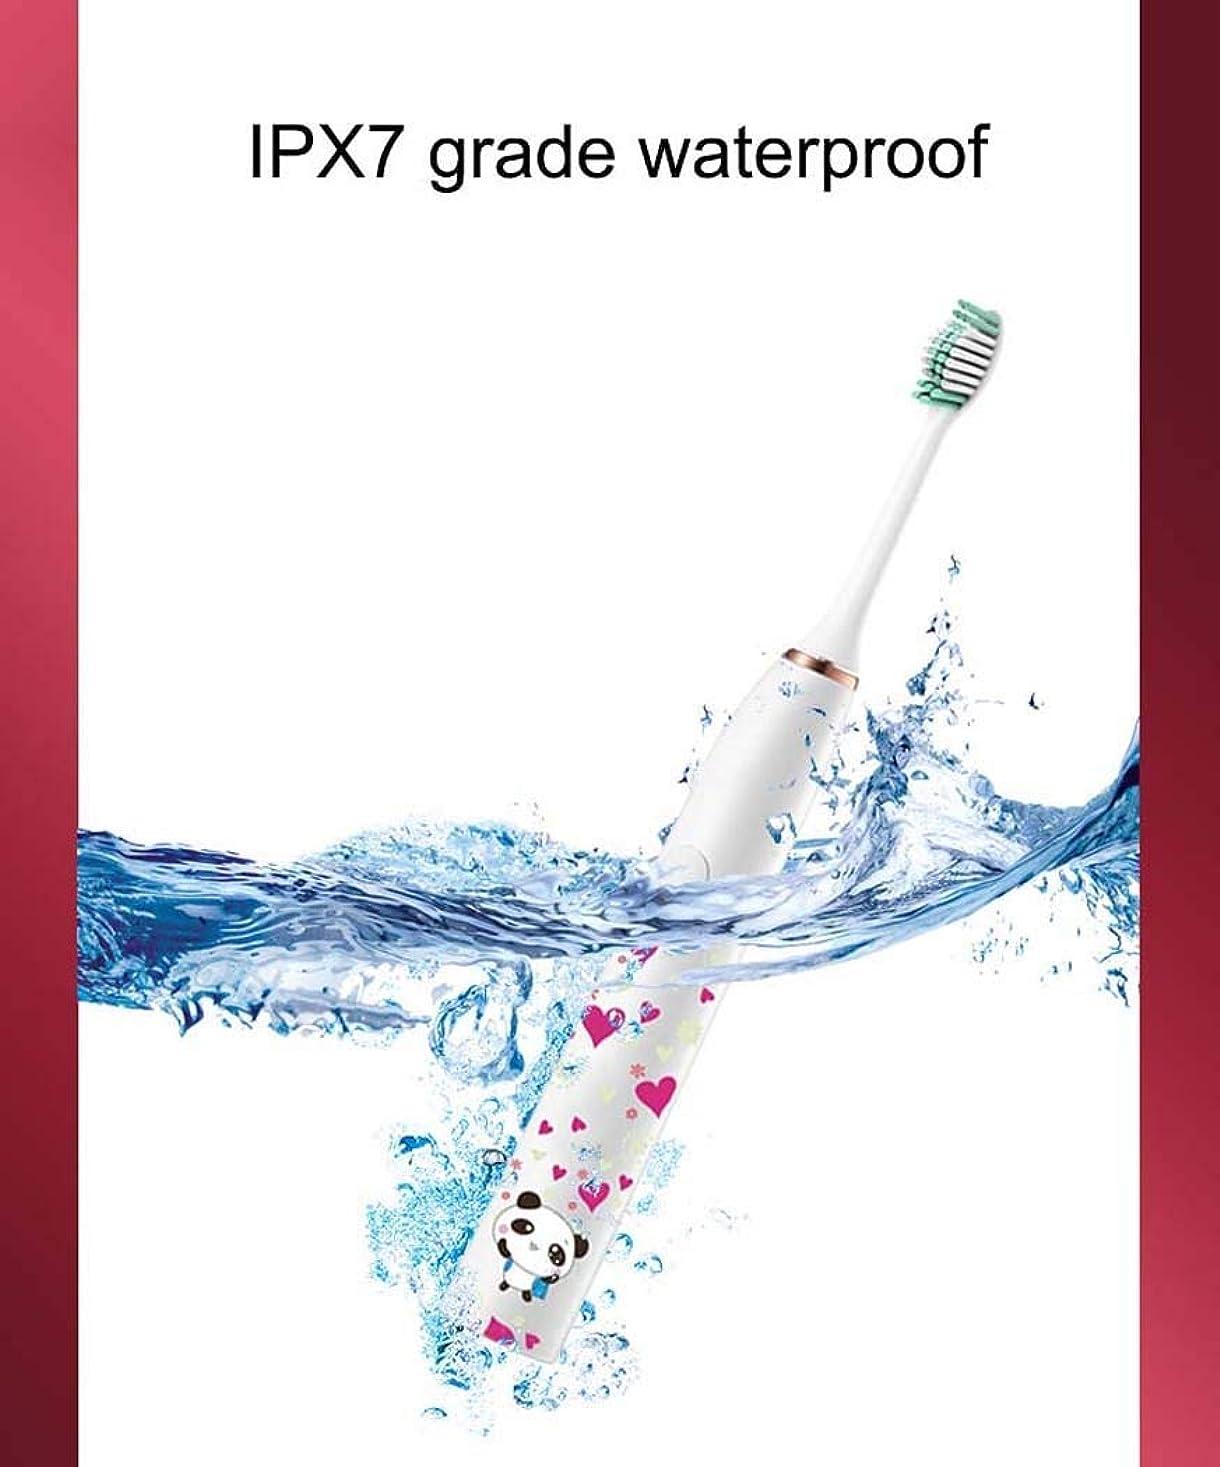 リーフレット試す悔い改める電動歯ブラシ、充電式ソニック振動歯ブラシ、ミュート防水電動歯ブラシ、誘導充電、3つのブラッシングモード(パターン:A)